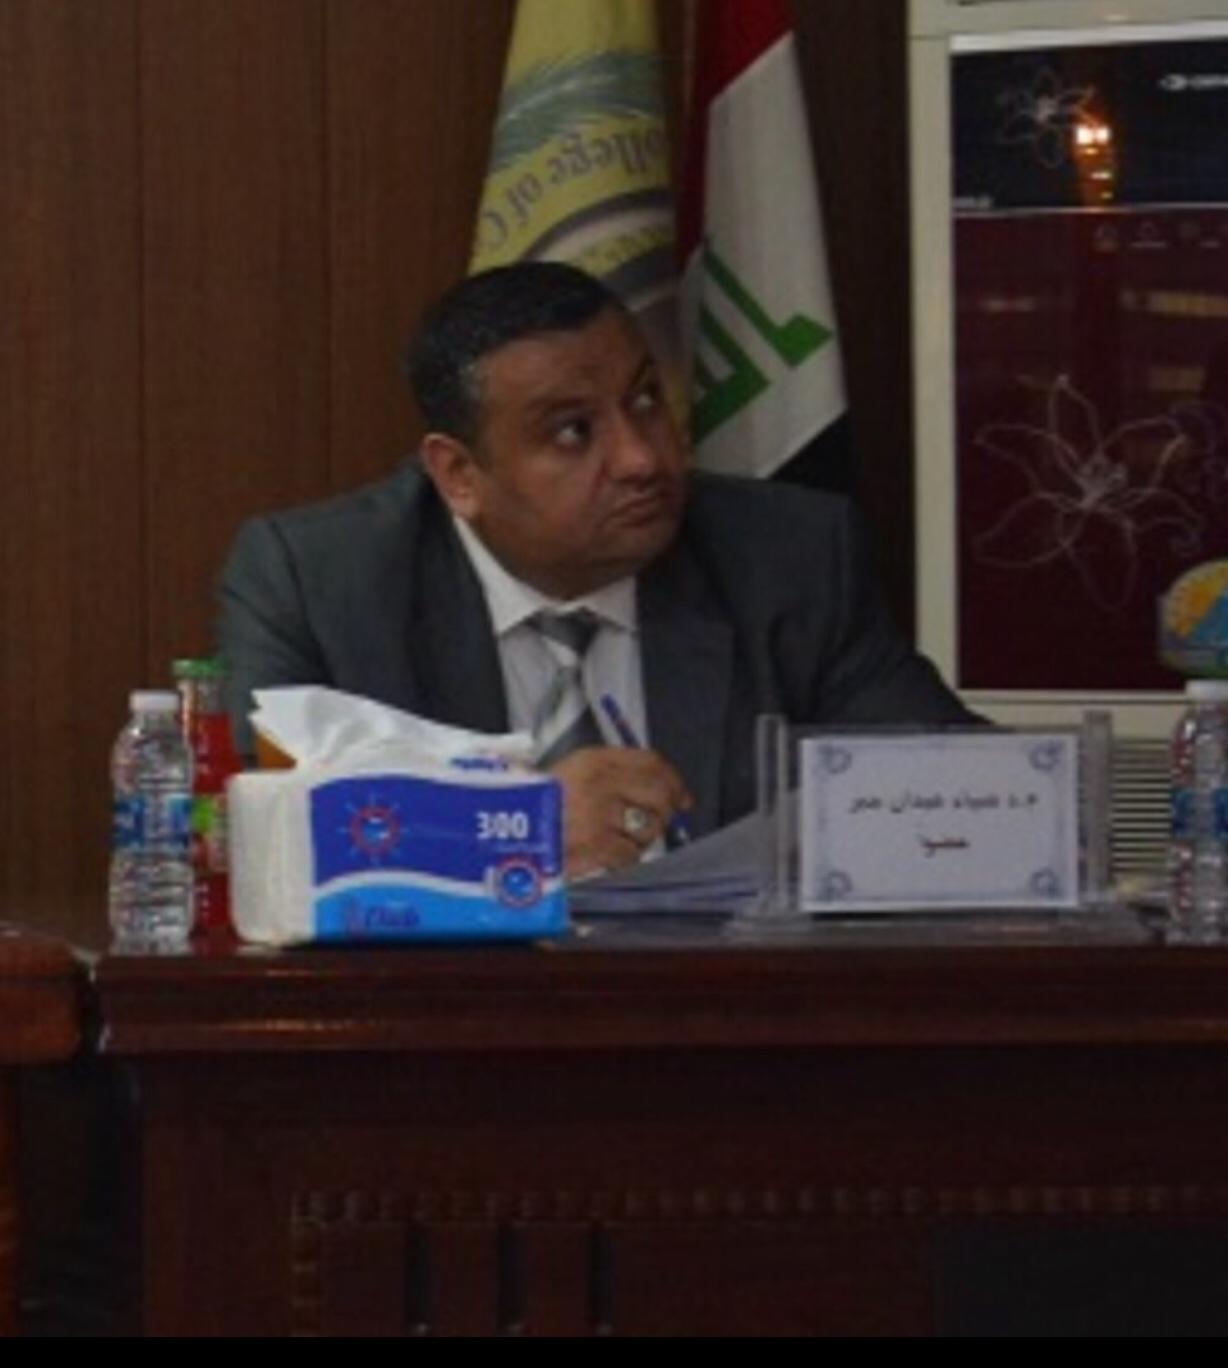 تهنئة للمدرس الدكتور ضياء عيدان جبر الشمري لحصوله على لقب استاذ مساعد